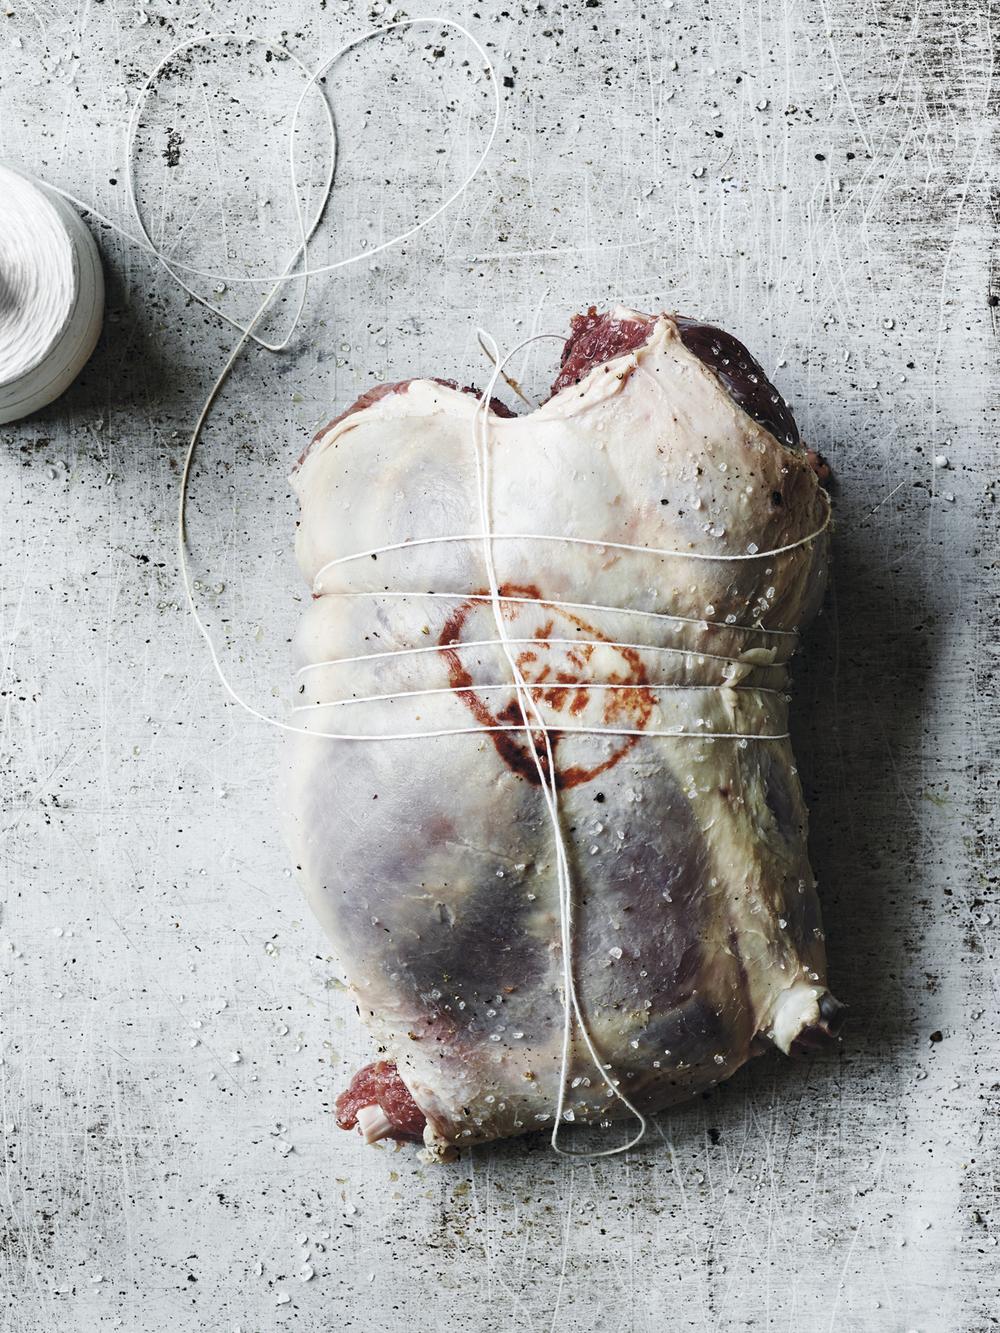 6. Surr hyssingen rundt steika med «lassoløkker» og sørg for at du hele tiden strammer godt så steika holder formen når du tilbereder den.